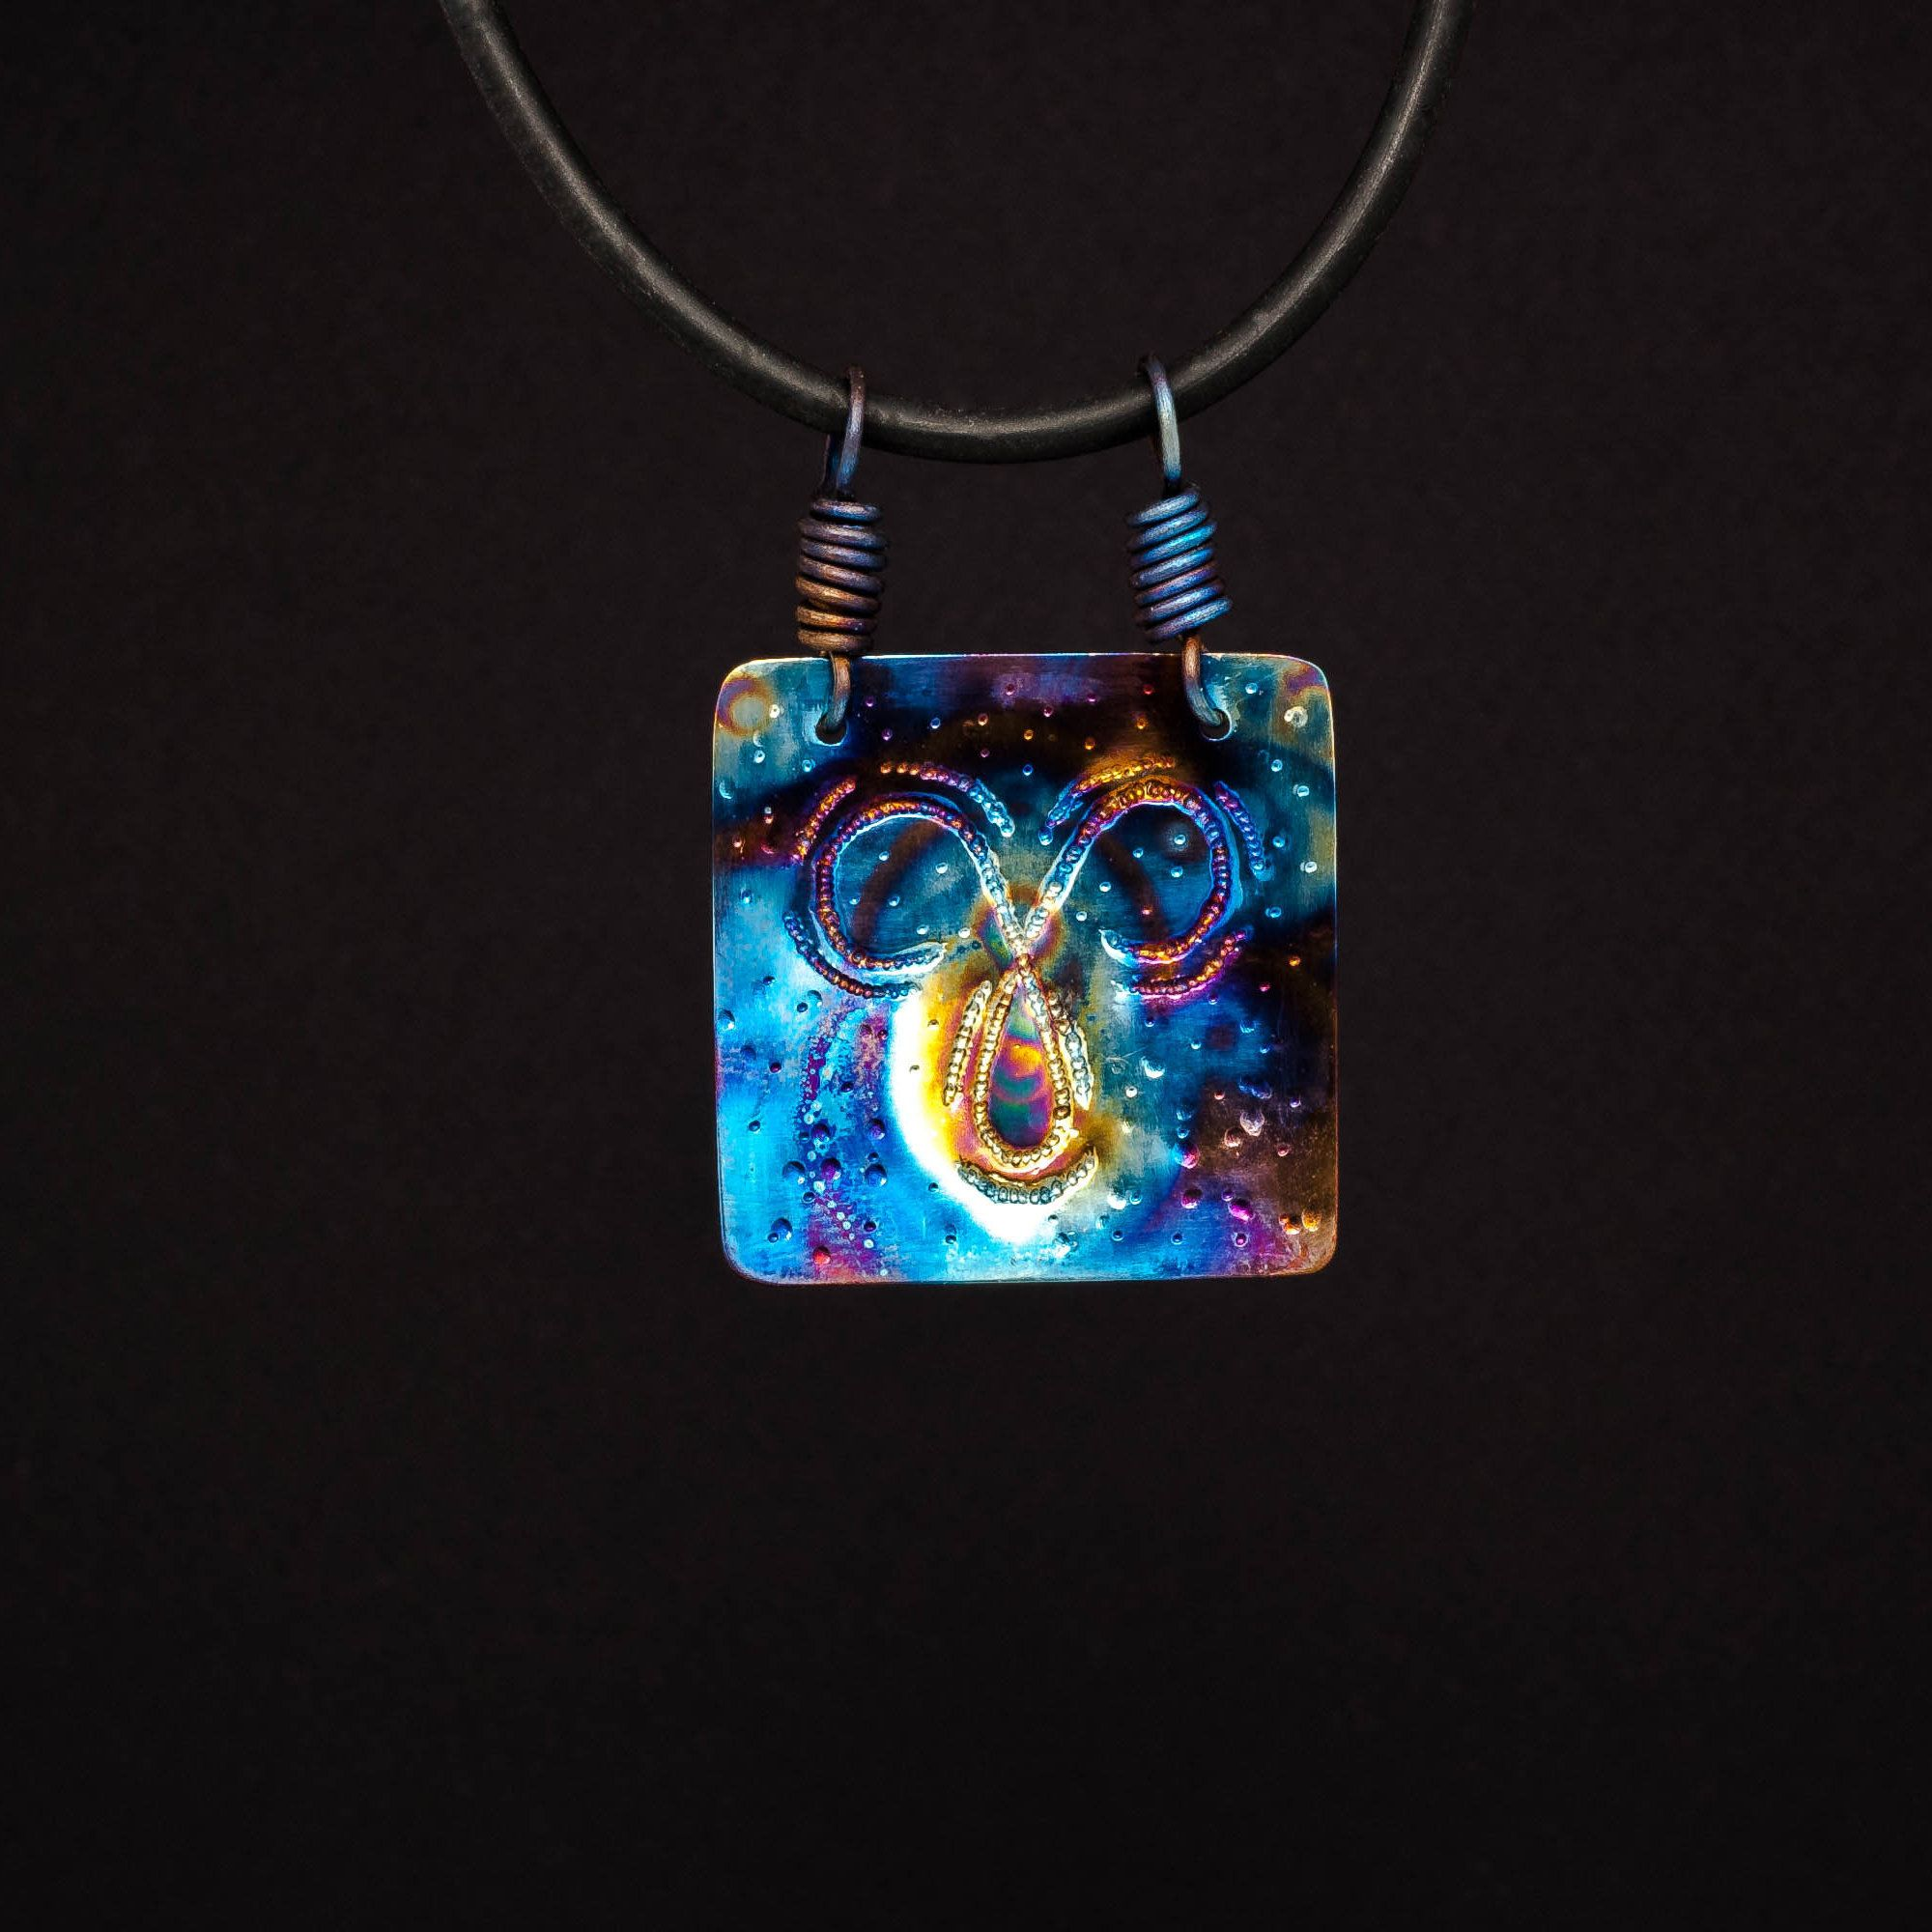 Aries zodiac necklace zodiac jewelry aries gifts aries jewelry st